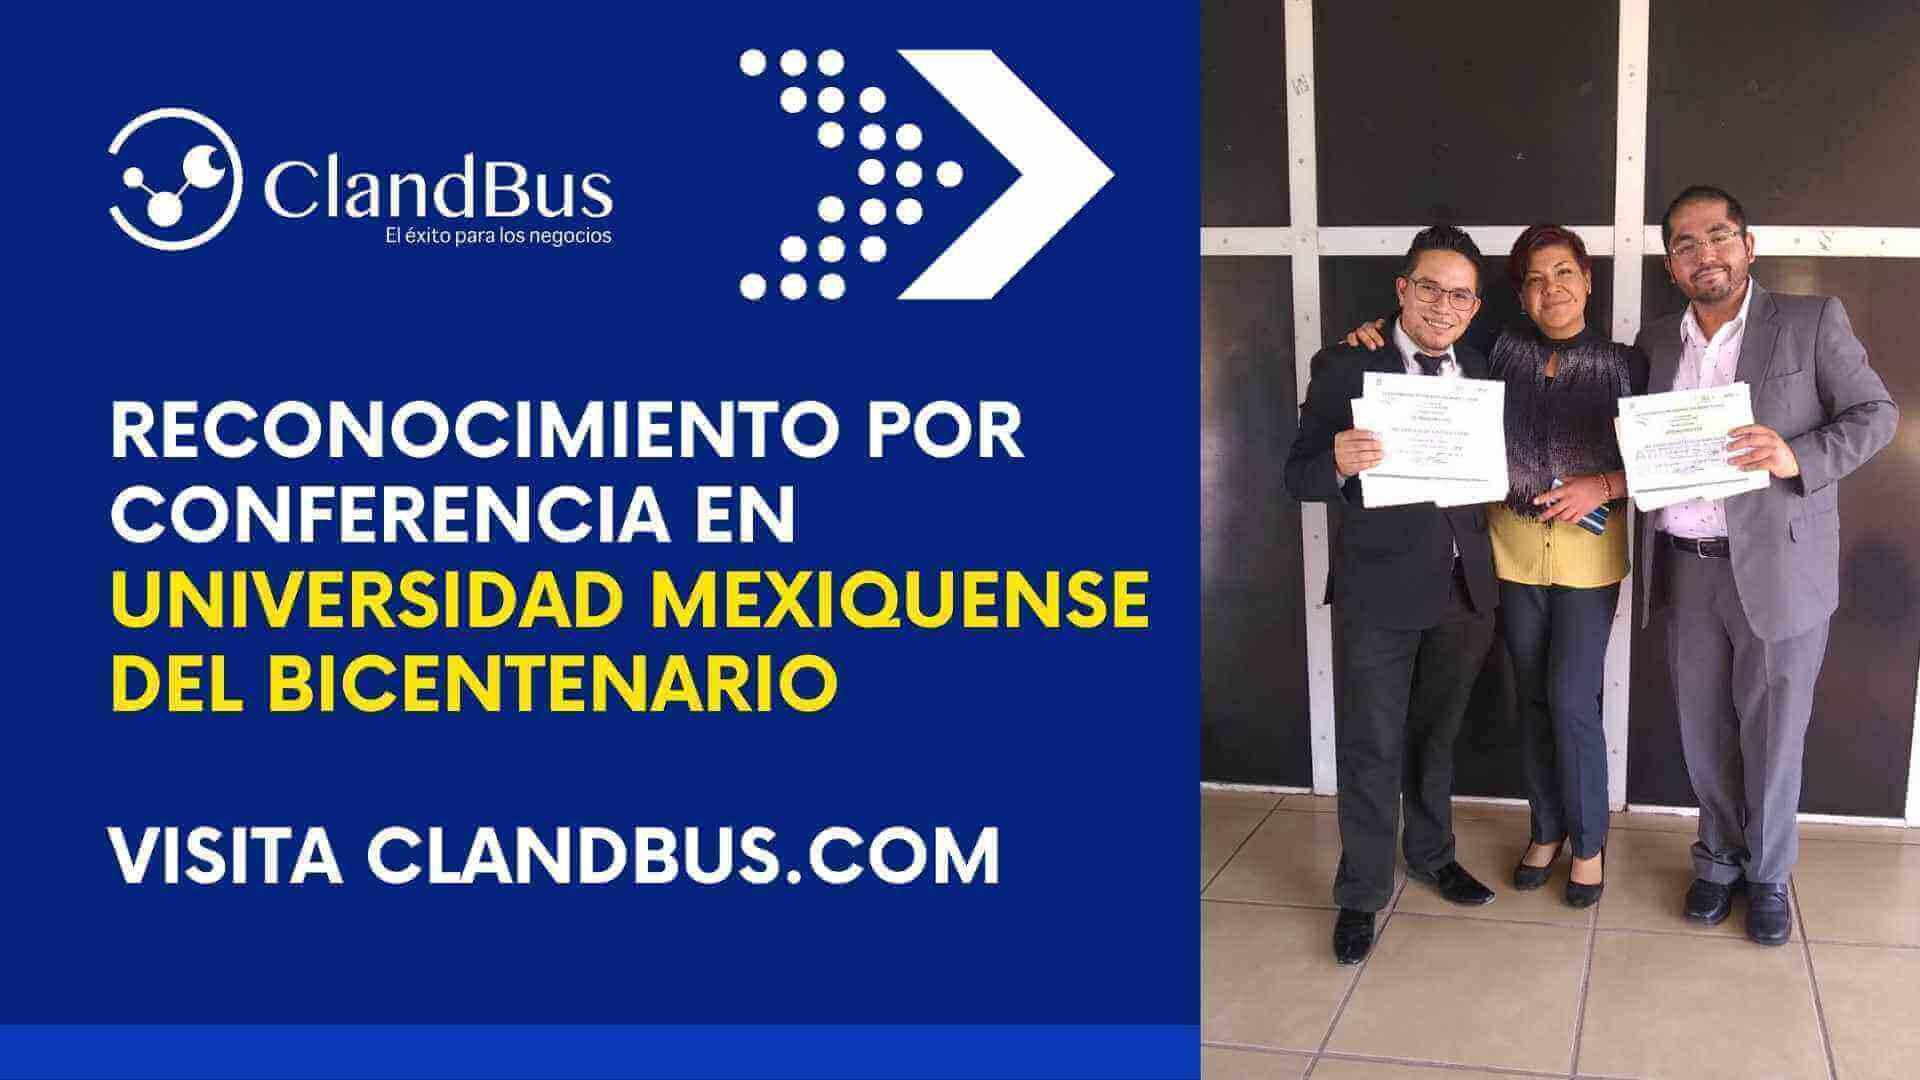 Conferencia en la UMB - RECONOCIMIENTO POR CONFERENCIA EN UNIVERSIDAD MEXIQUENSE DEL BICENTENARIO